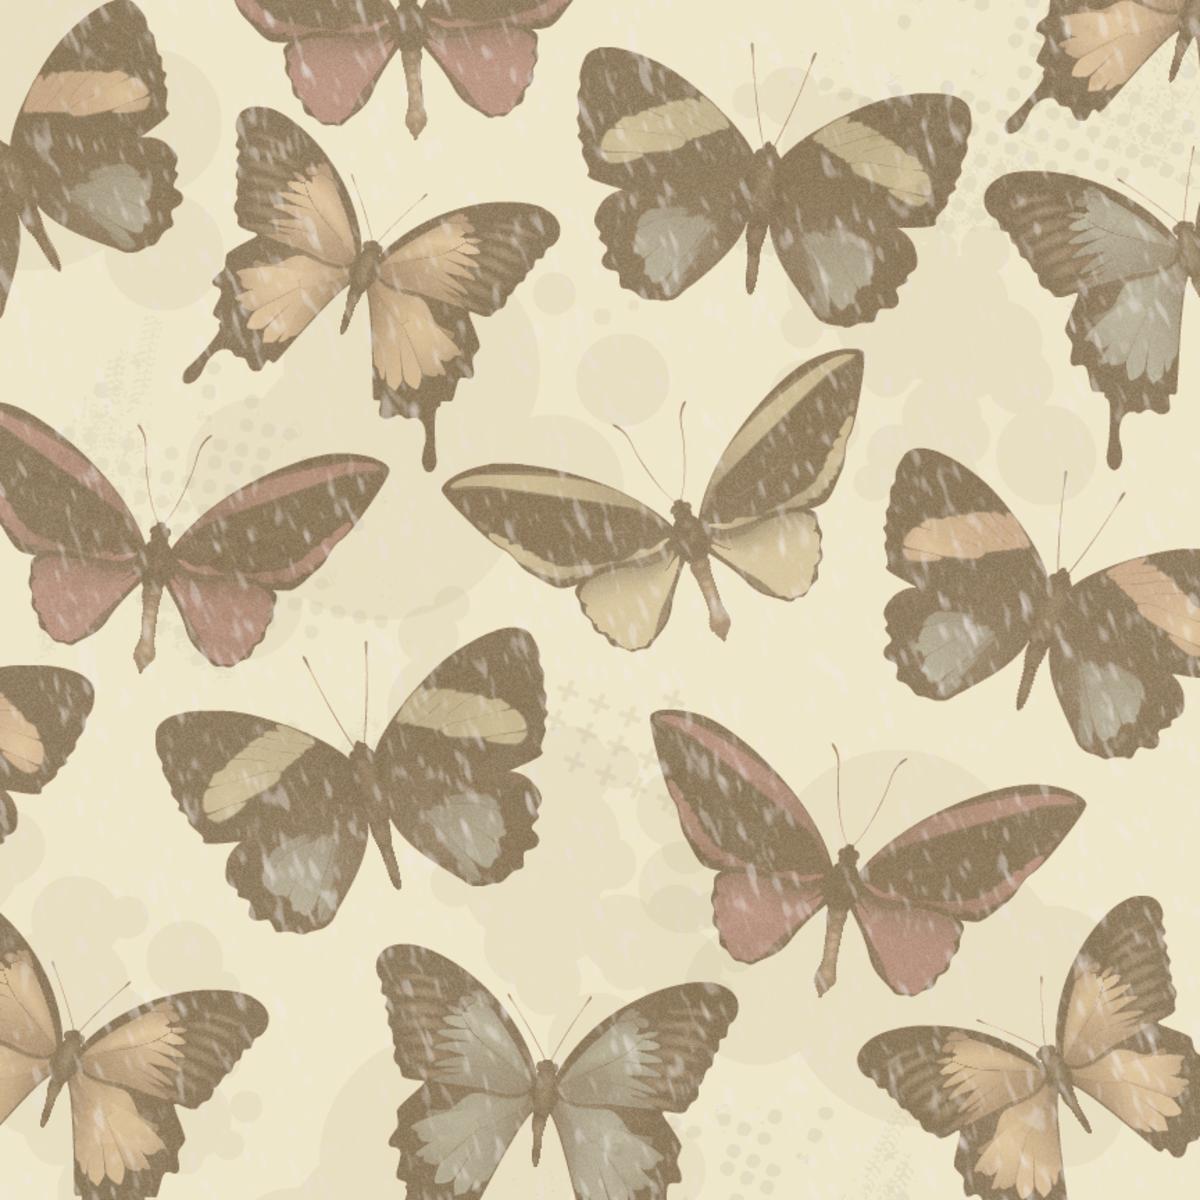 Vintage-look distressed sepia tone butterflies scrapbooking paper